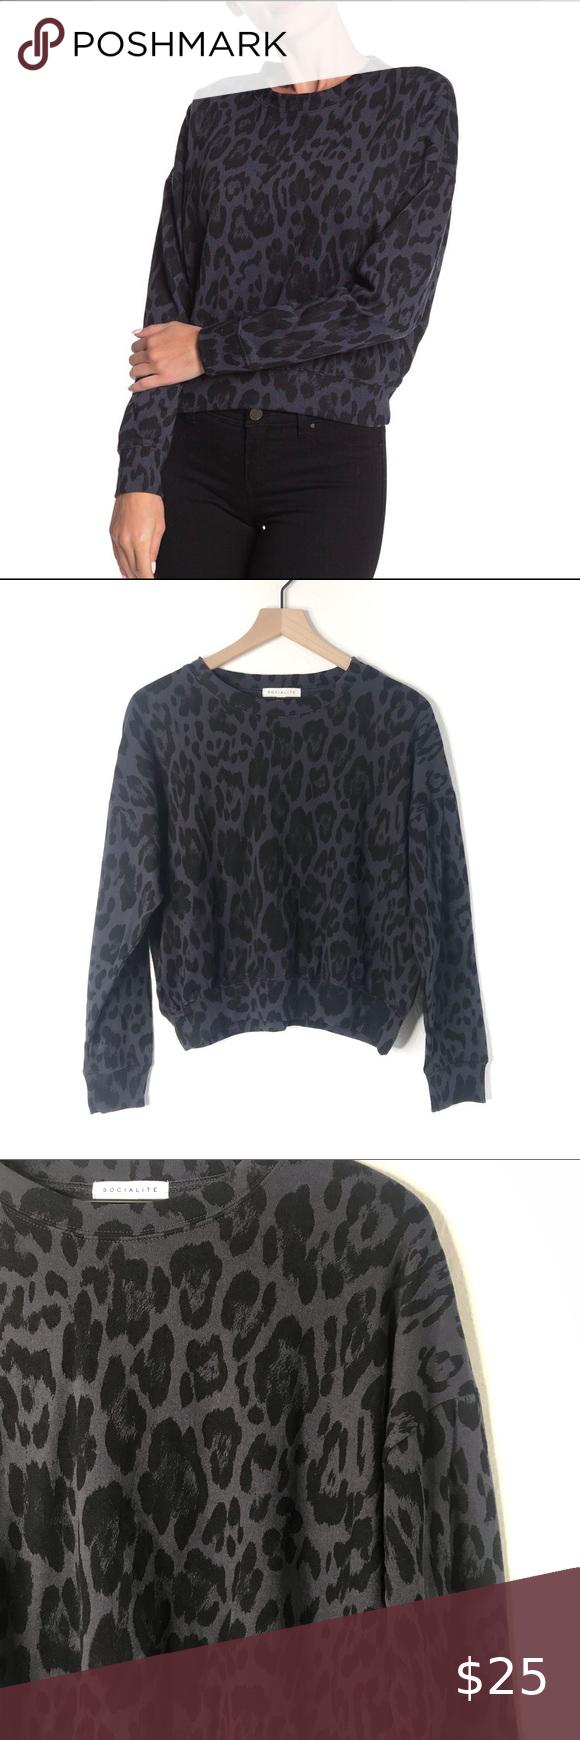 Nwt Socialite Dark Leopard Print Sweatshirt In 2020 Leopard Print Sweatshirt Printed Sweatshirts Leopard Print [ 1740 x 580 Pixel ]